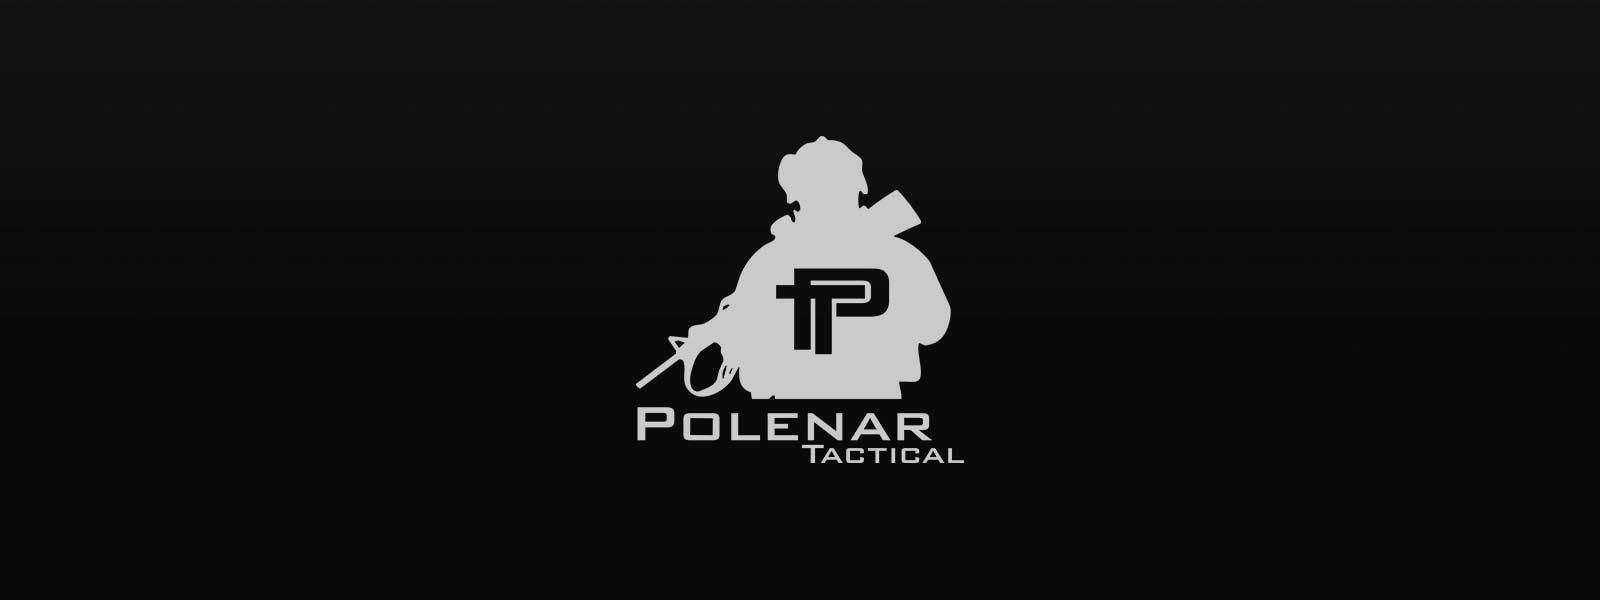 Meet & Greet: Polenar Tactical 5.4.2019